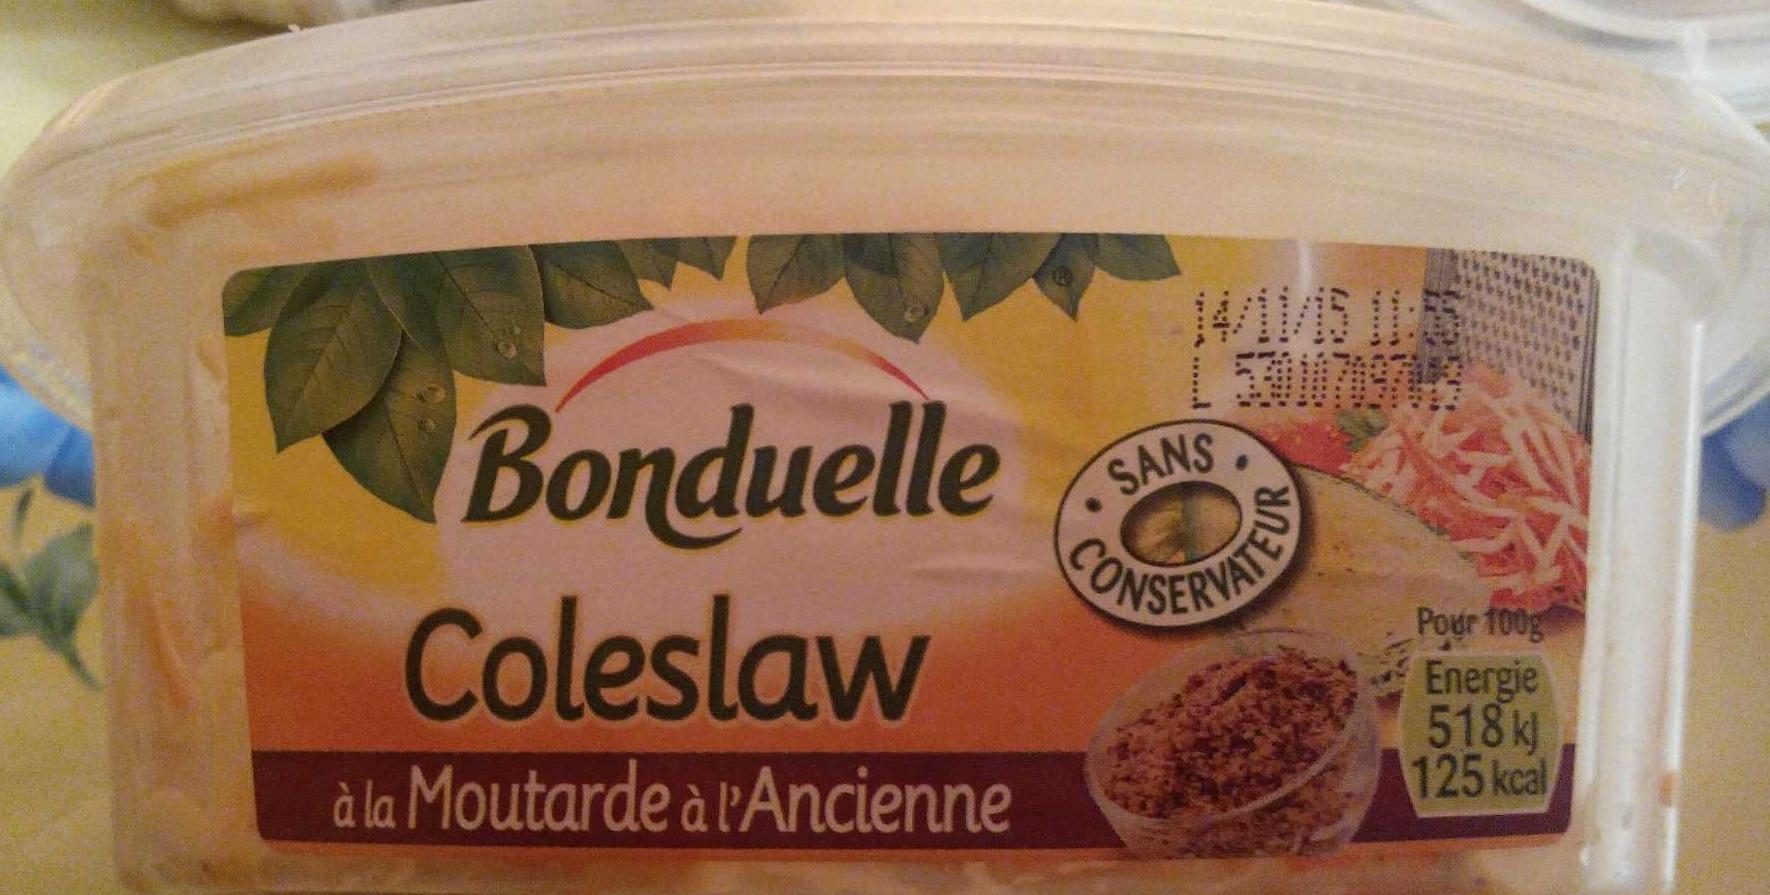 Coleslaw à la moutarde à l'ancienne - Bonduelle - Product - fr